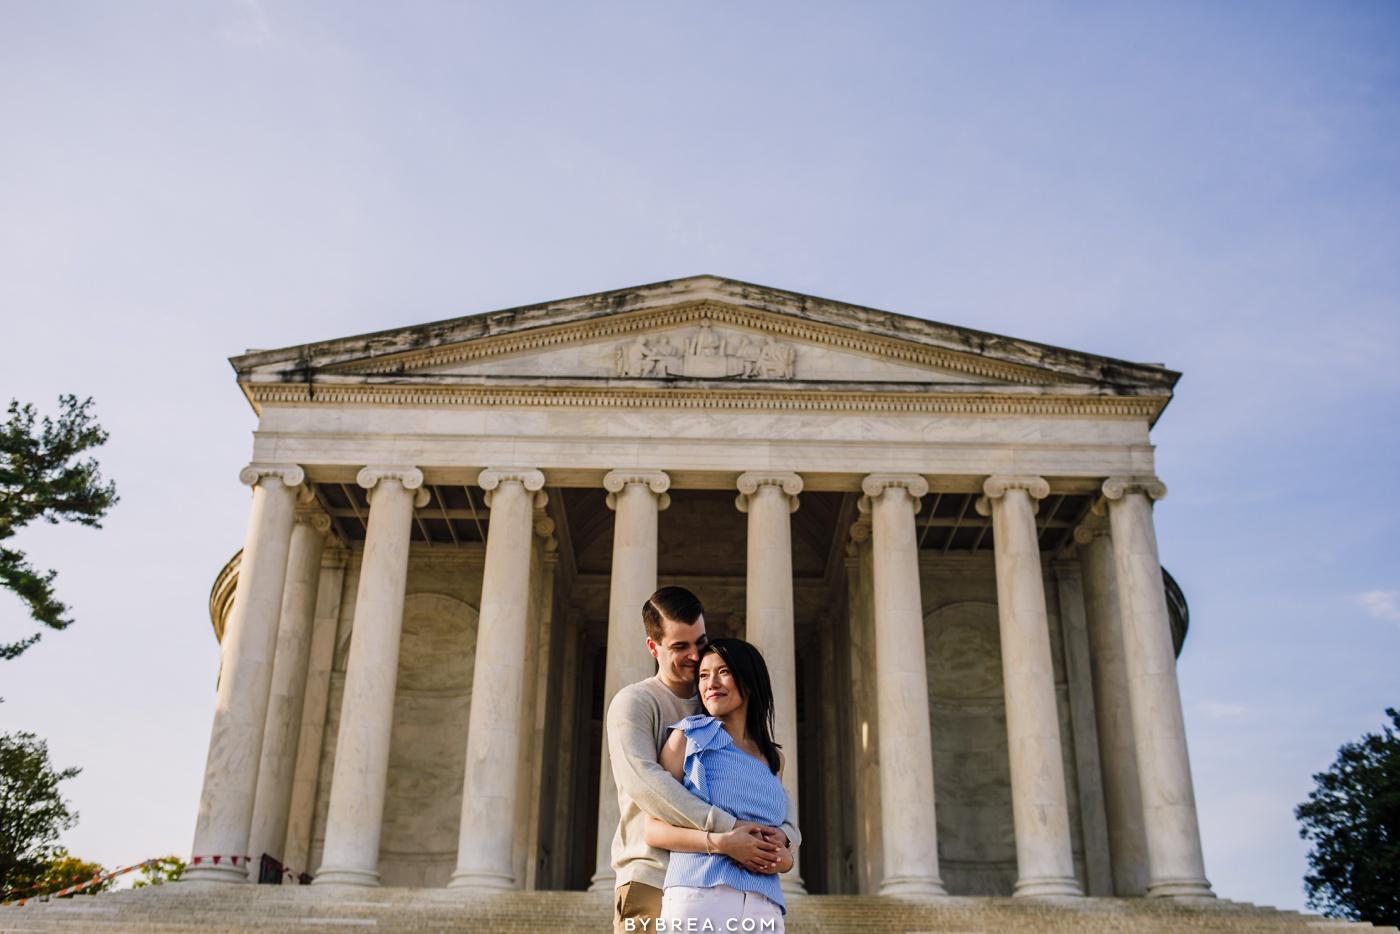 D.C. Monument engagement photo